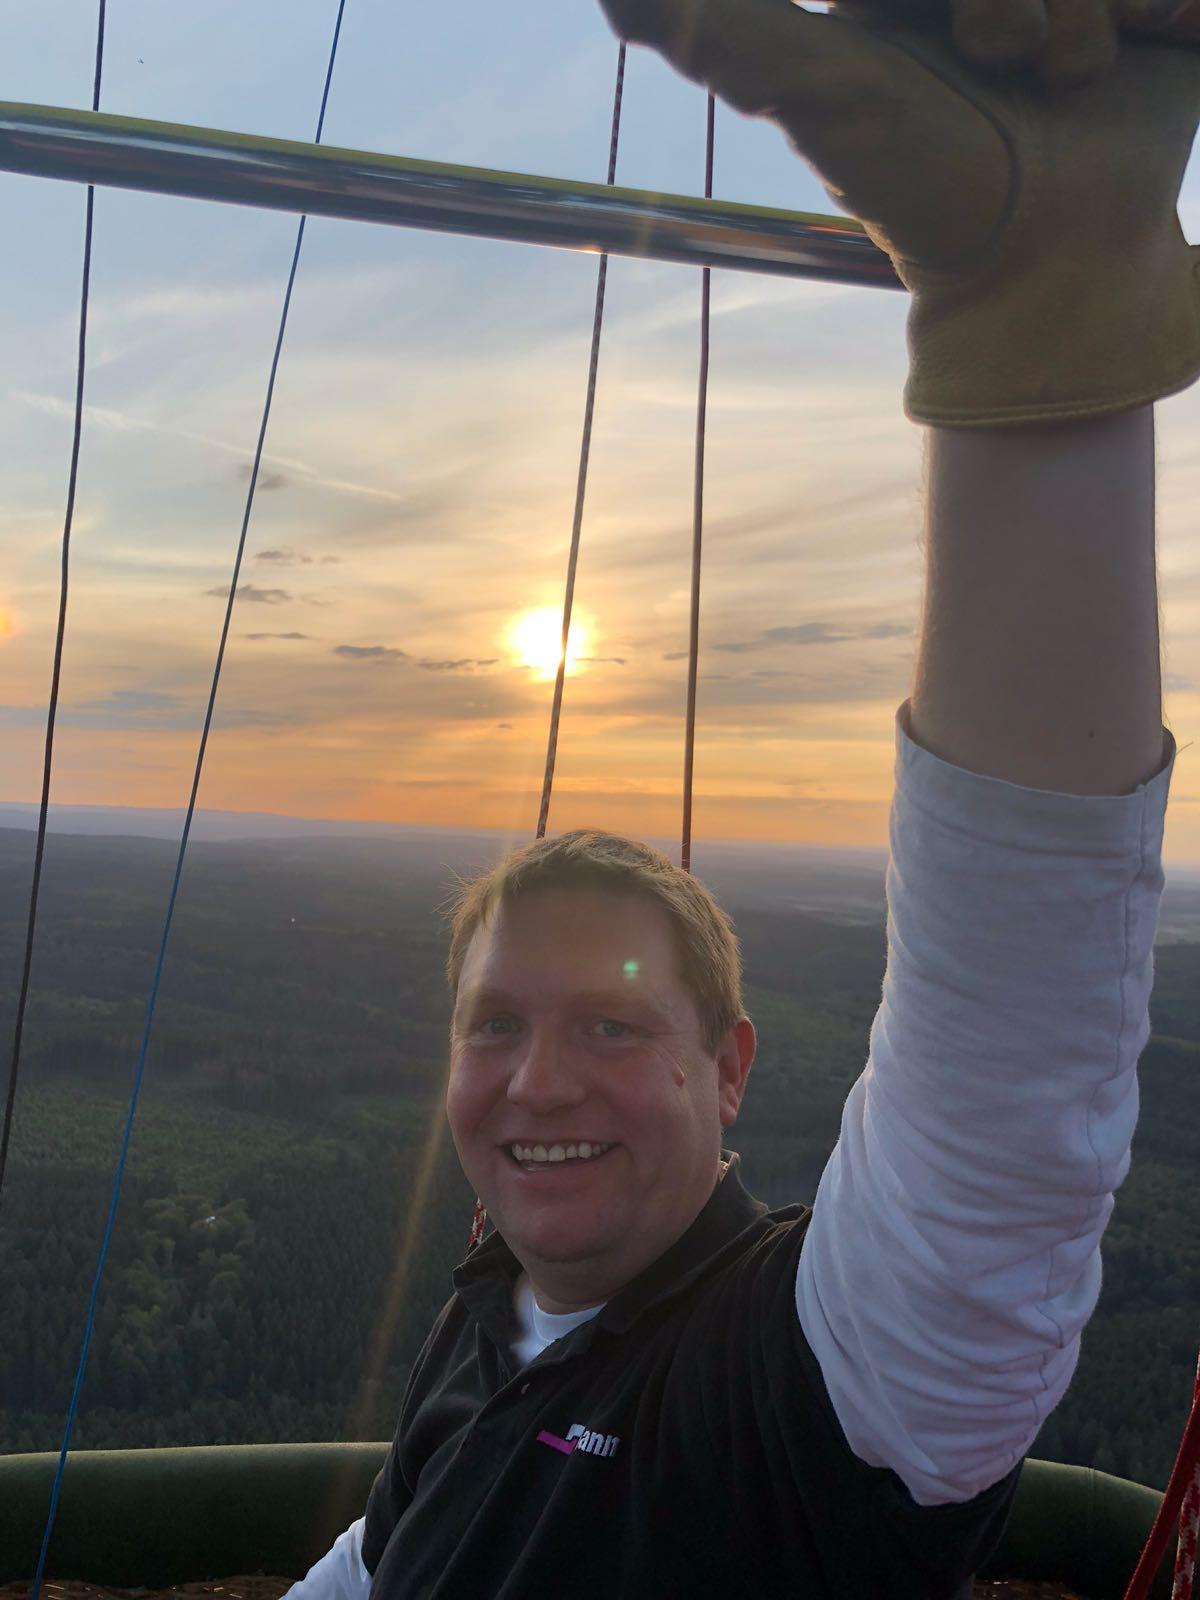 Pilot Daniel Thamm